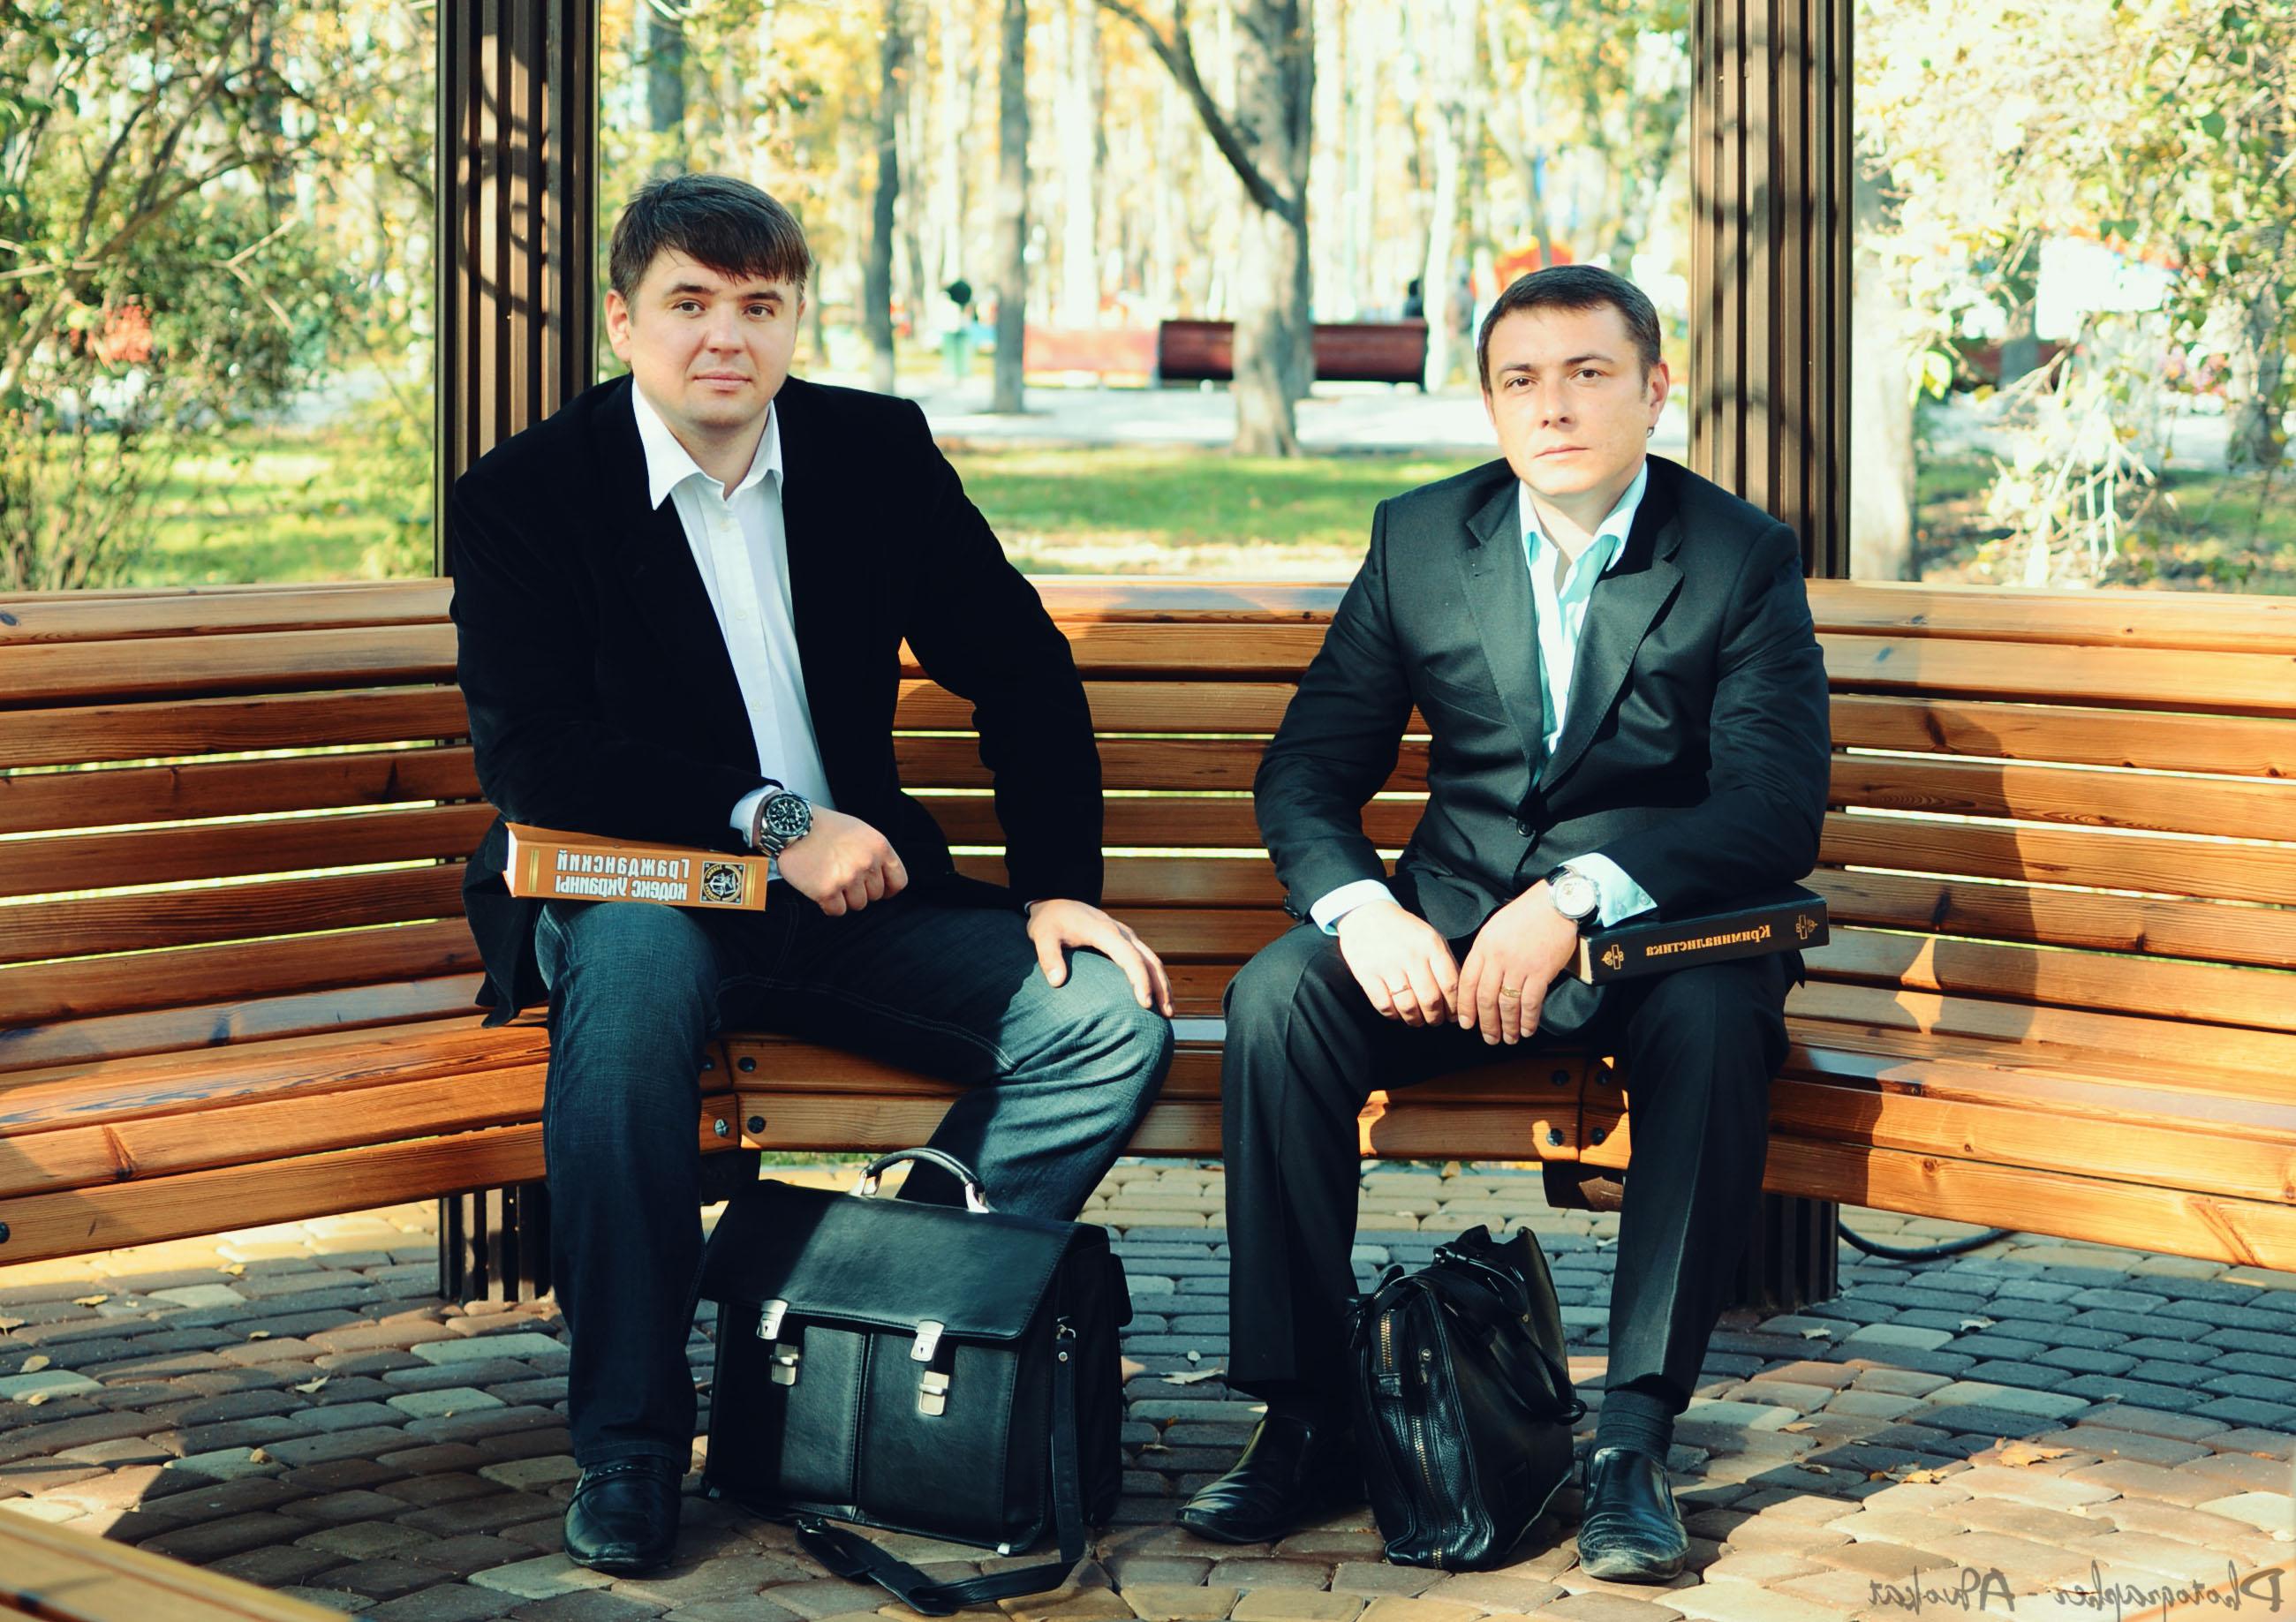 Онлайн консультация адвоката Геннадия Бережного в Харькове начала свою работу